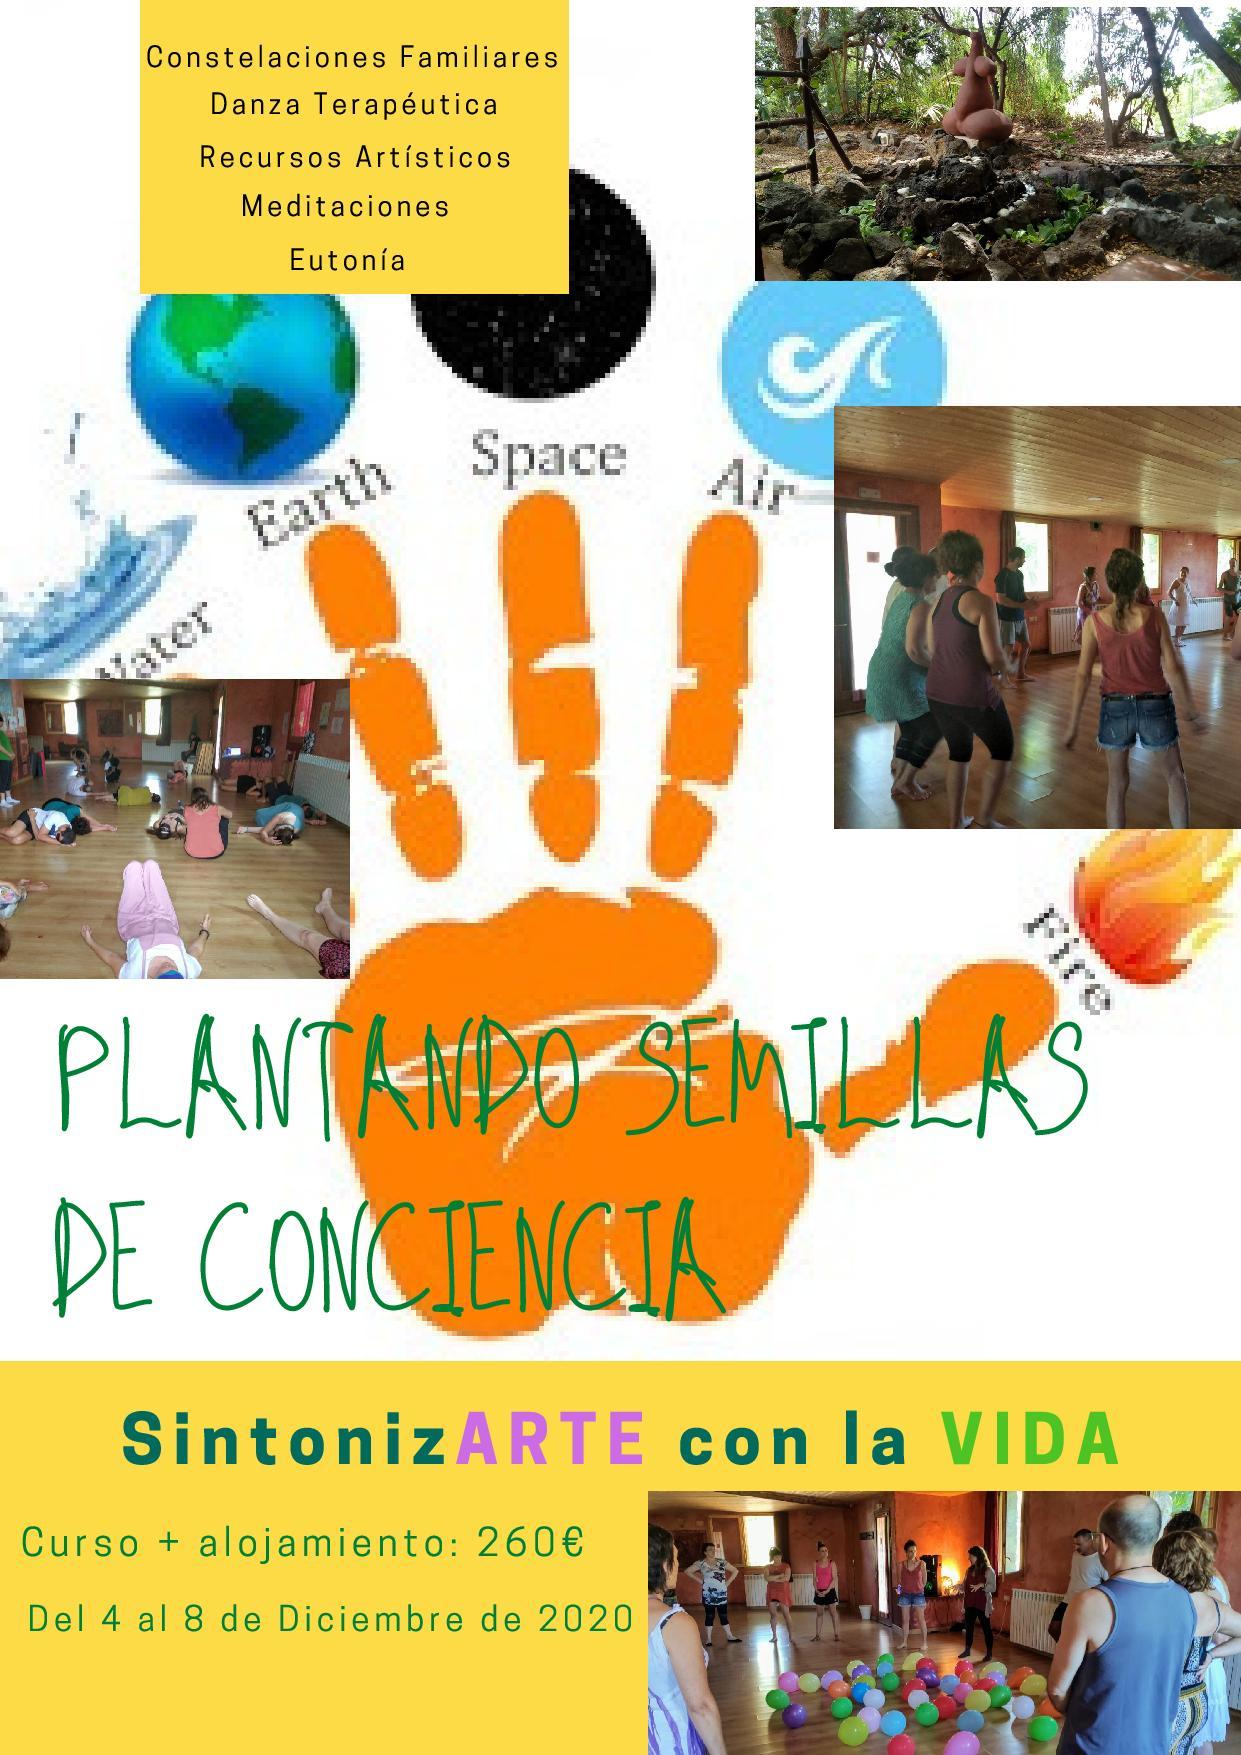 """Plantando Semillas de Conciencia - """"SintonizARTE con la VIDA"""""""